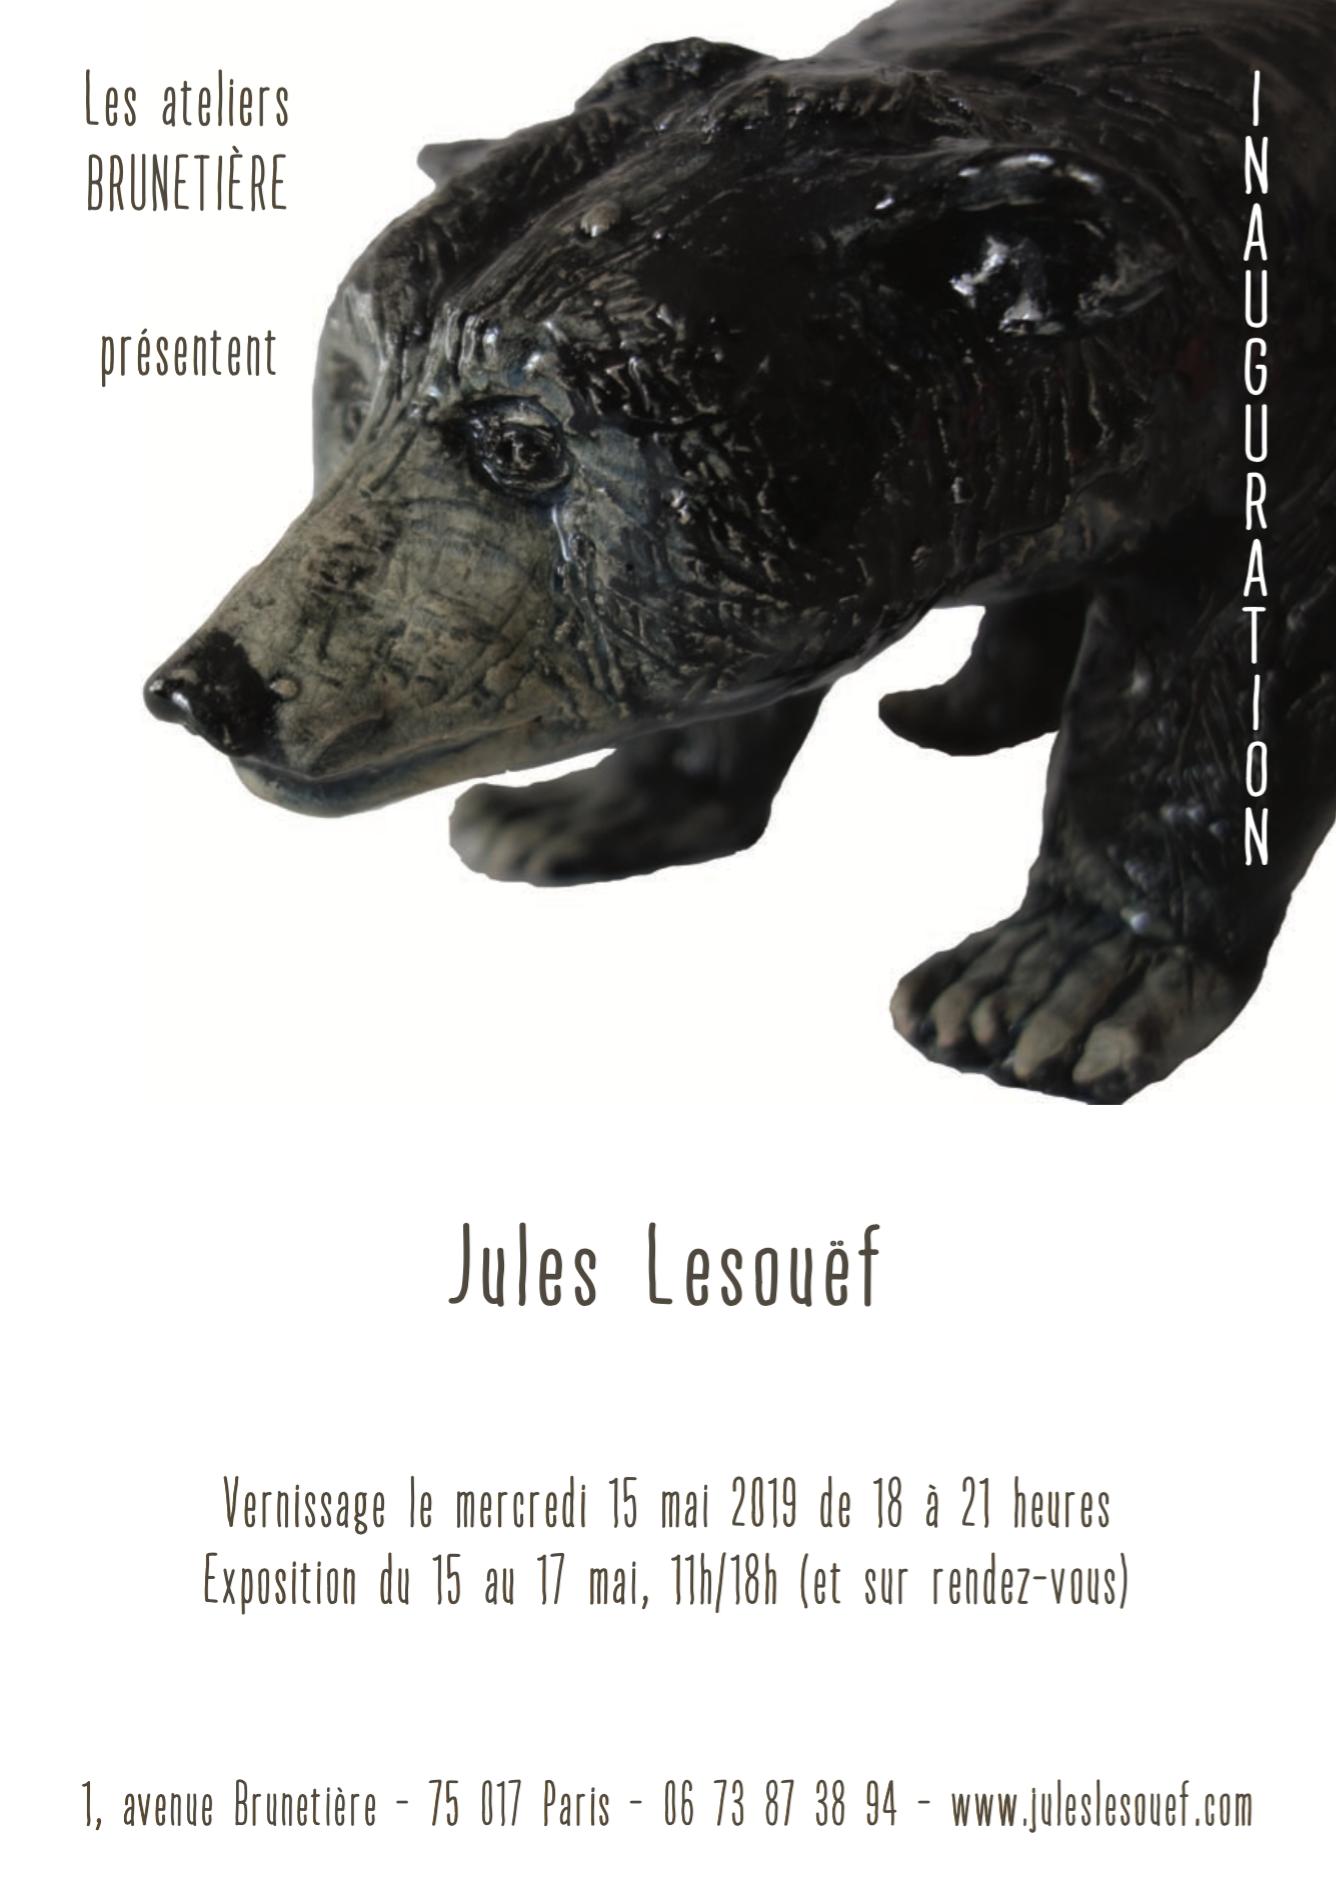 Vernissage Brunetière Jules Lesouef